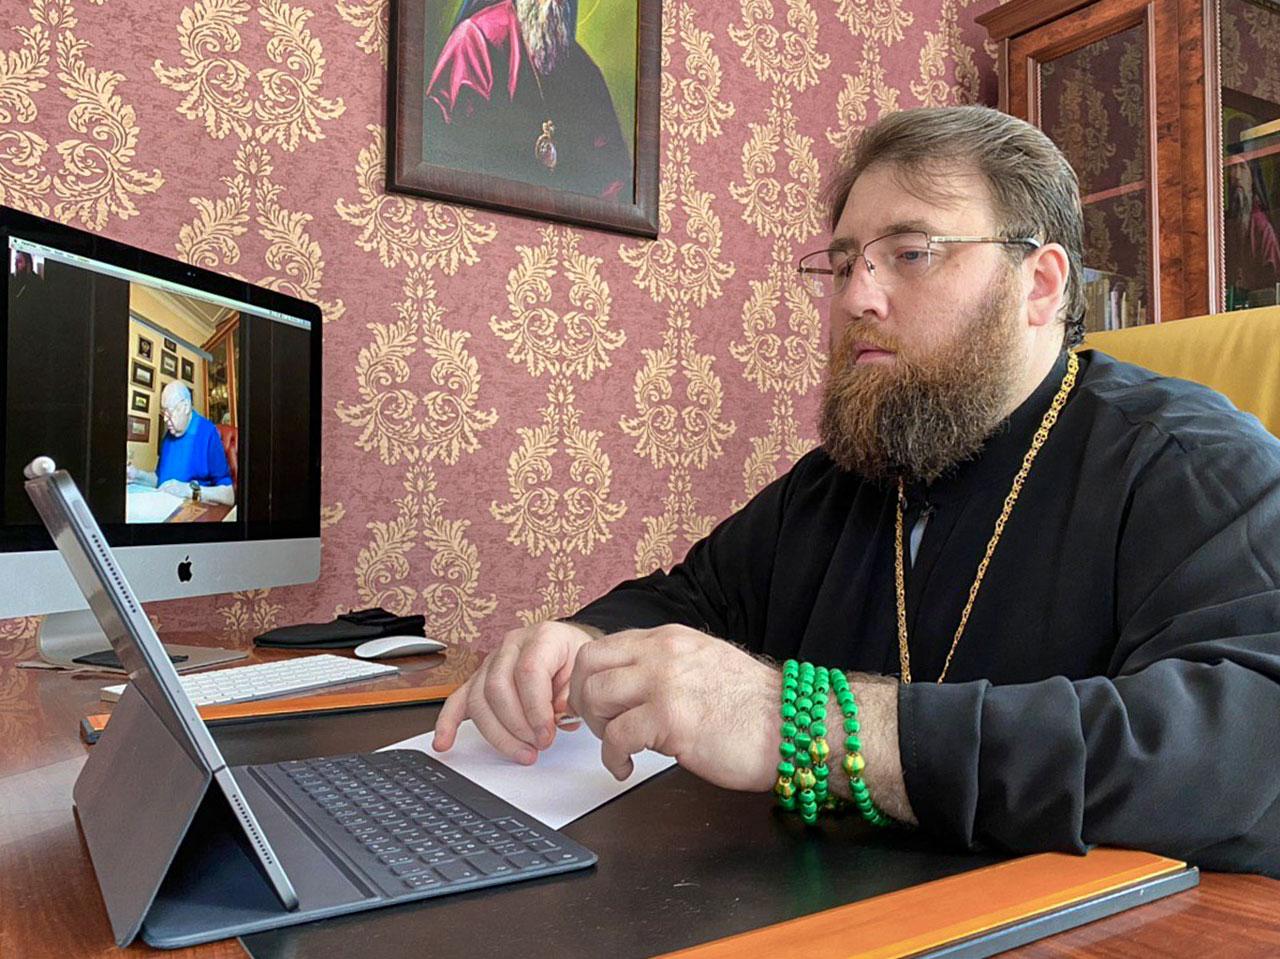 Митрополит Игнатий и В.И. Ресин провели совещание по строительству храмов святителя Киприана и святителя Спиридона в Москве